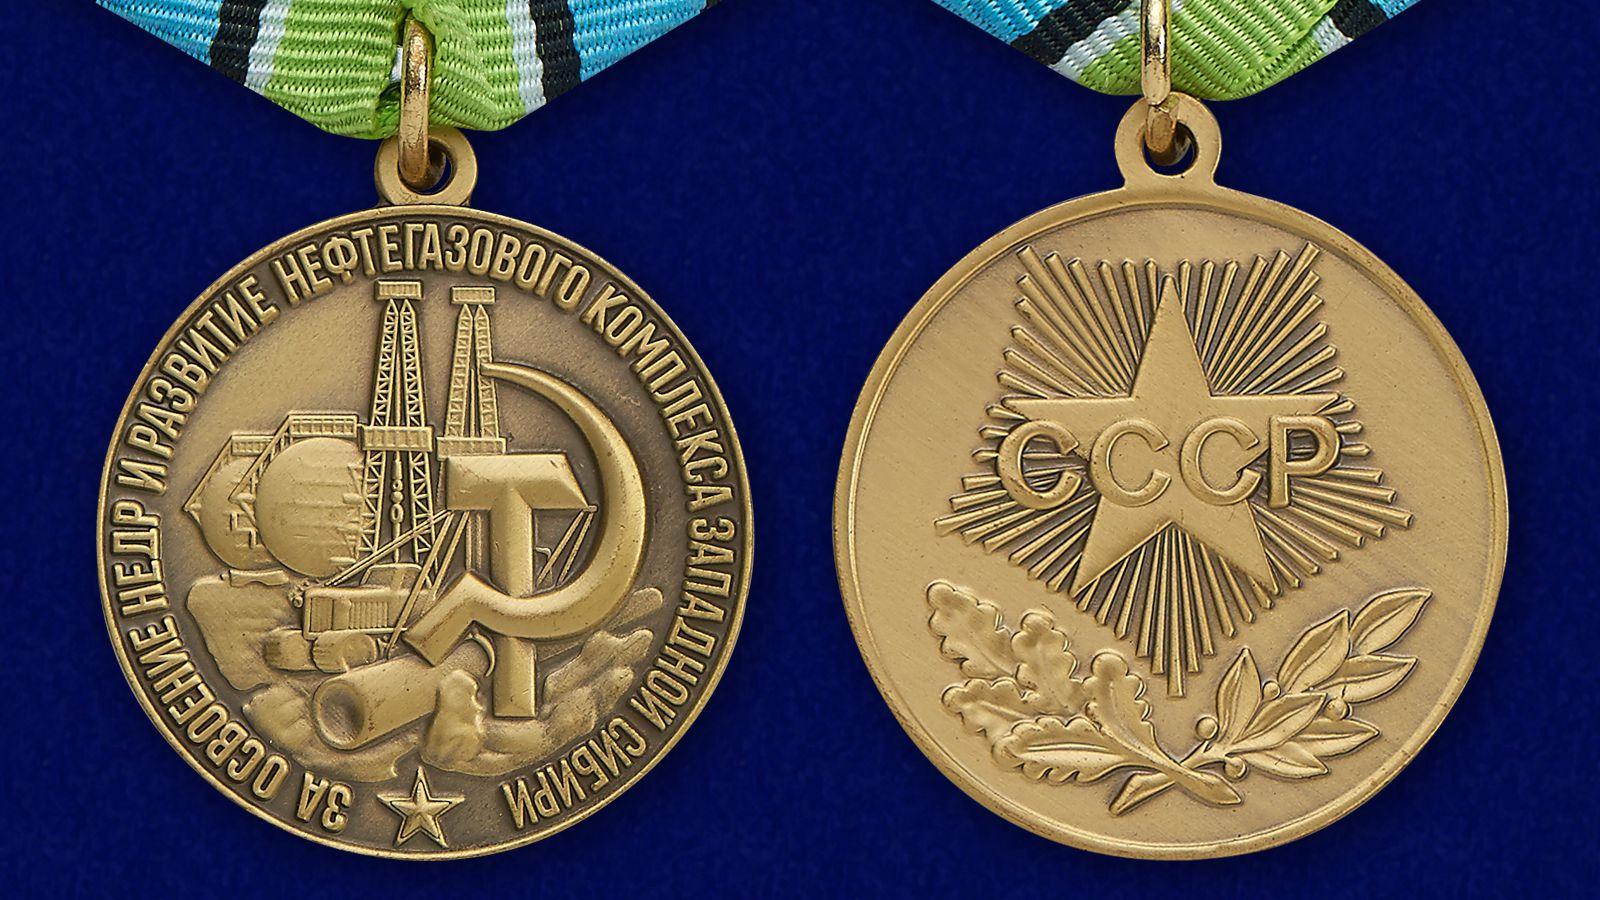 Медаль За освоение недр и развитие нефтегазового комплекса Западной Сибири - аверс и реверс